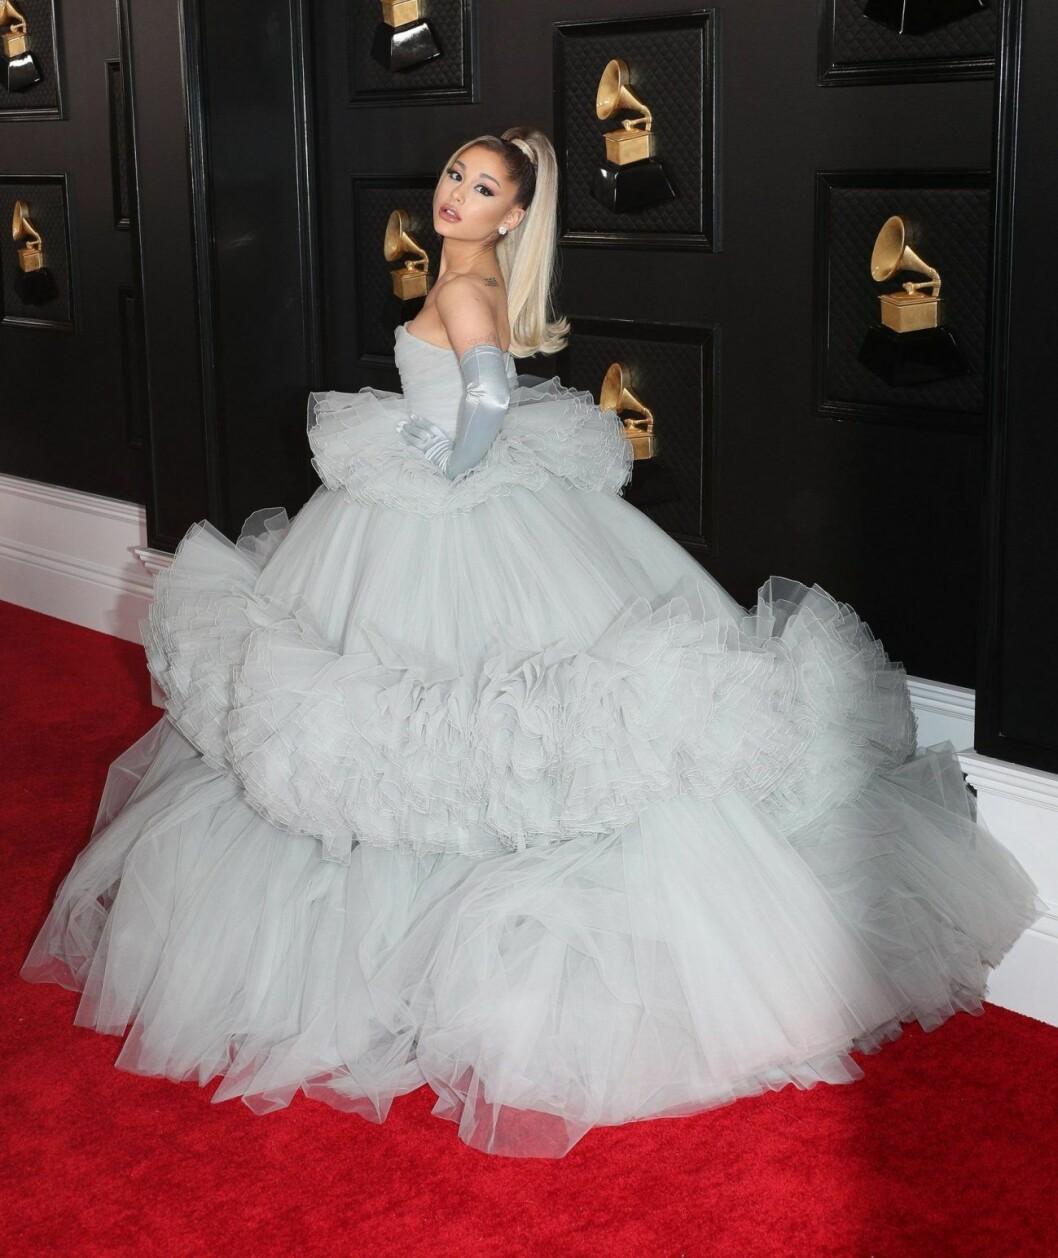 Ariana Grande stal showen i storslaget fluff från Giambattista Valli.